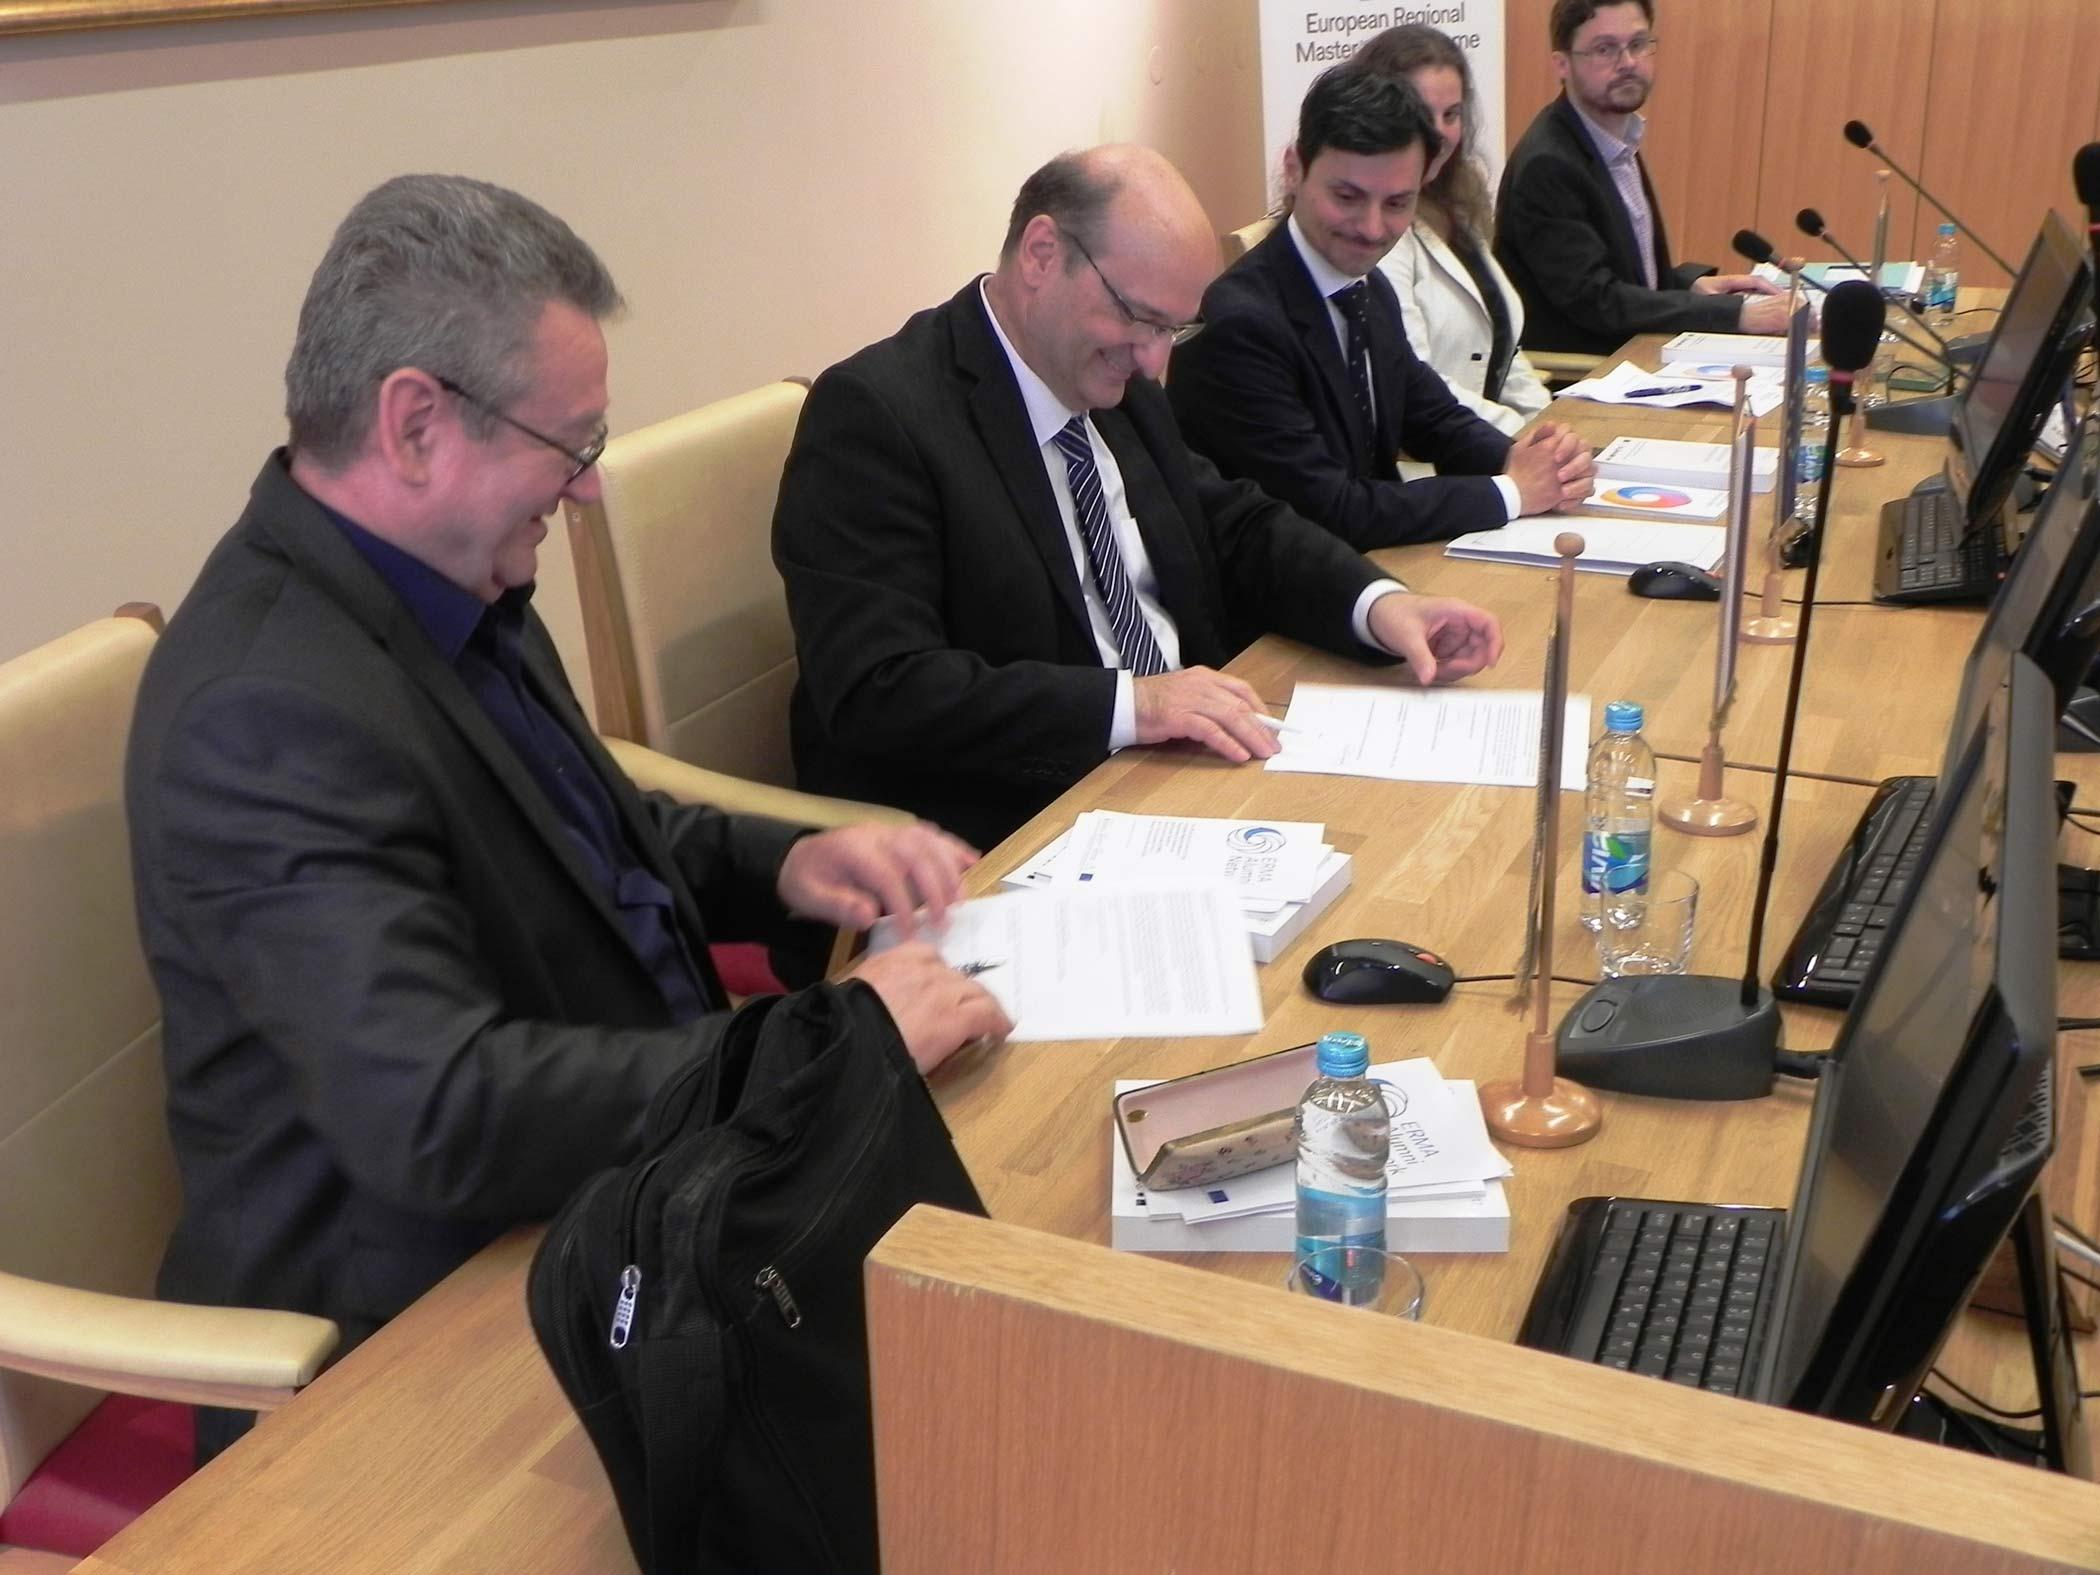 Потписан Меморандум о разумијевању са Европским регионалним мастер програмом